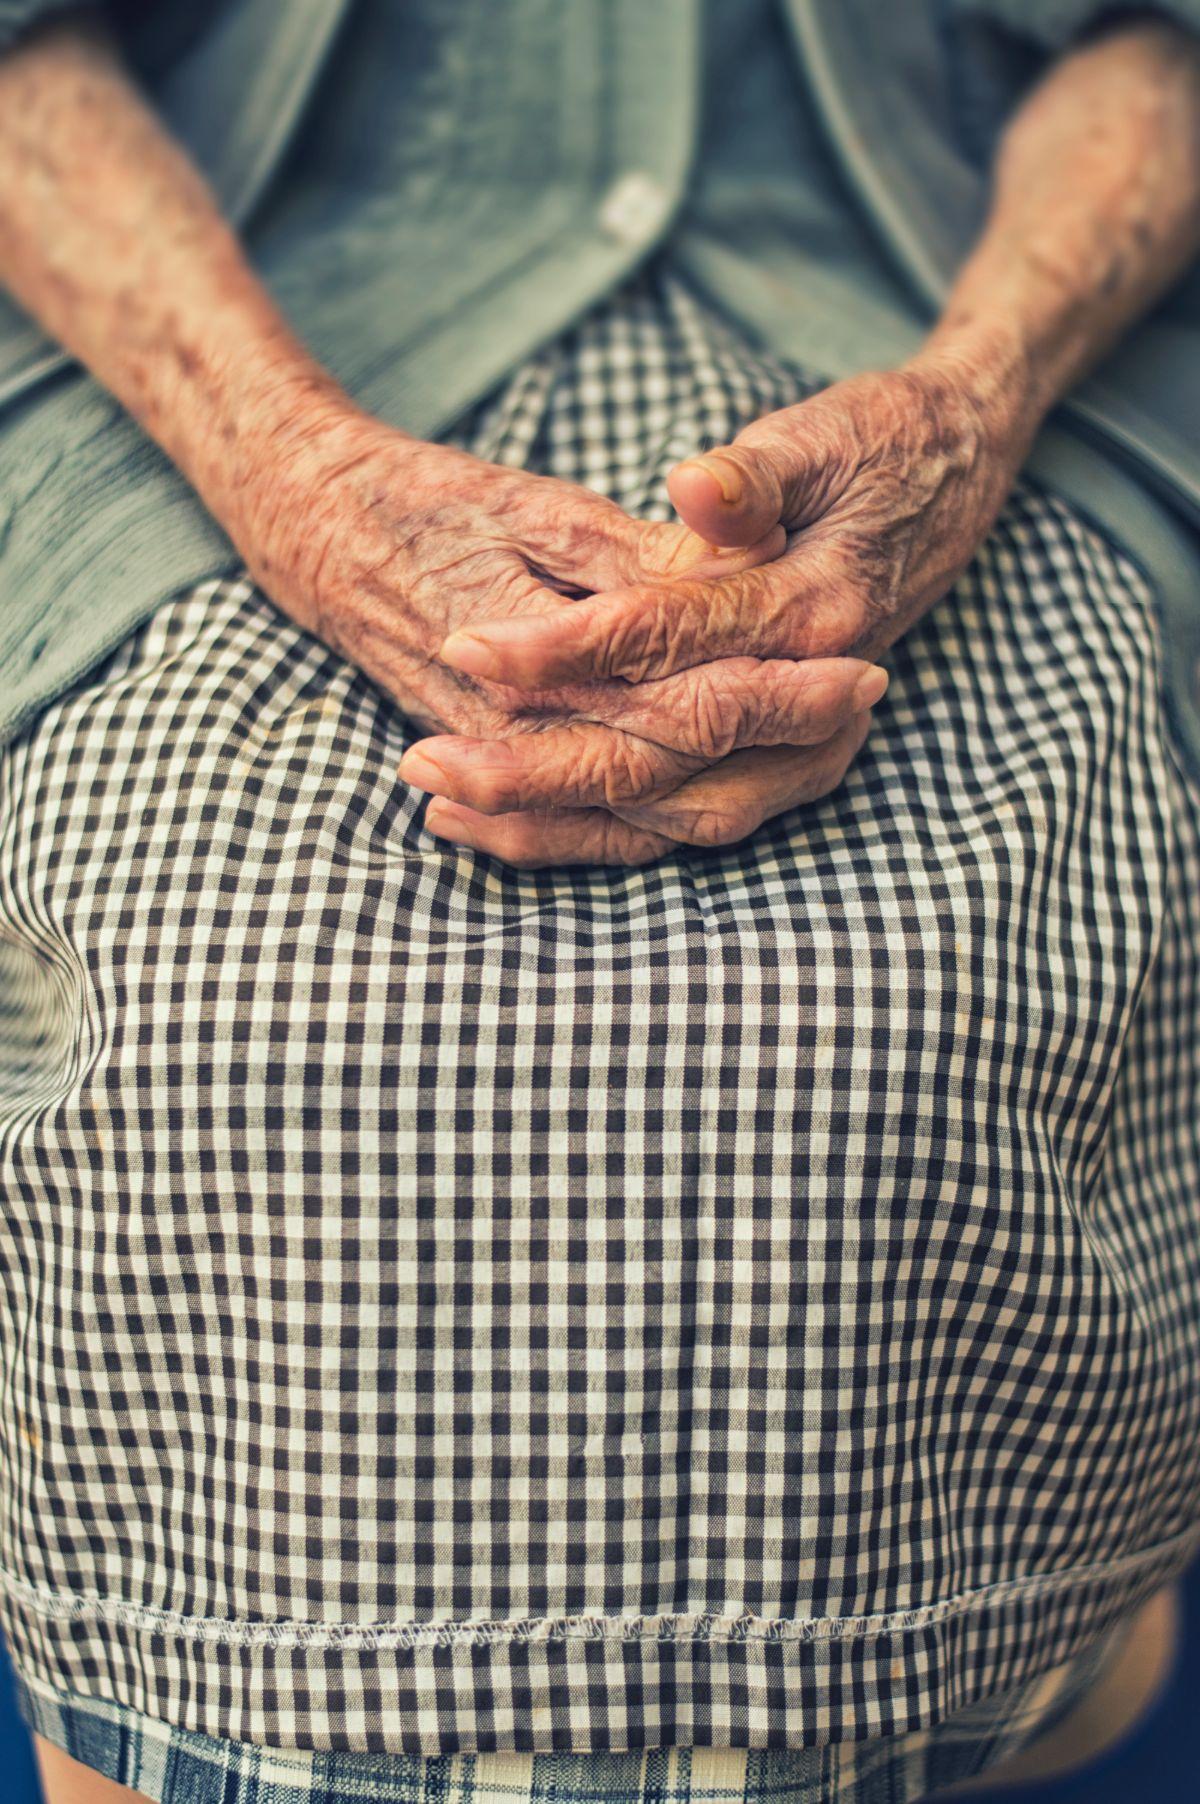 עזרה לקשישים – כך תוכלו לעזור ולתרום לקשישים